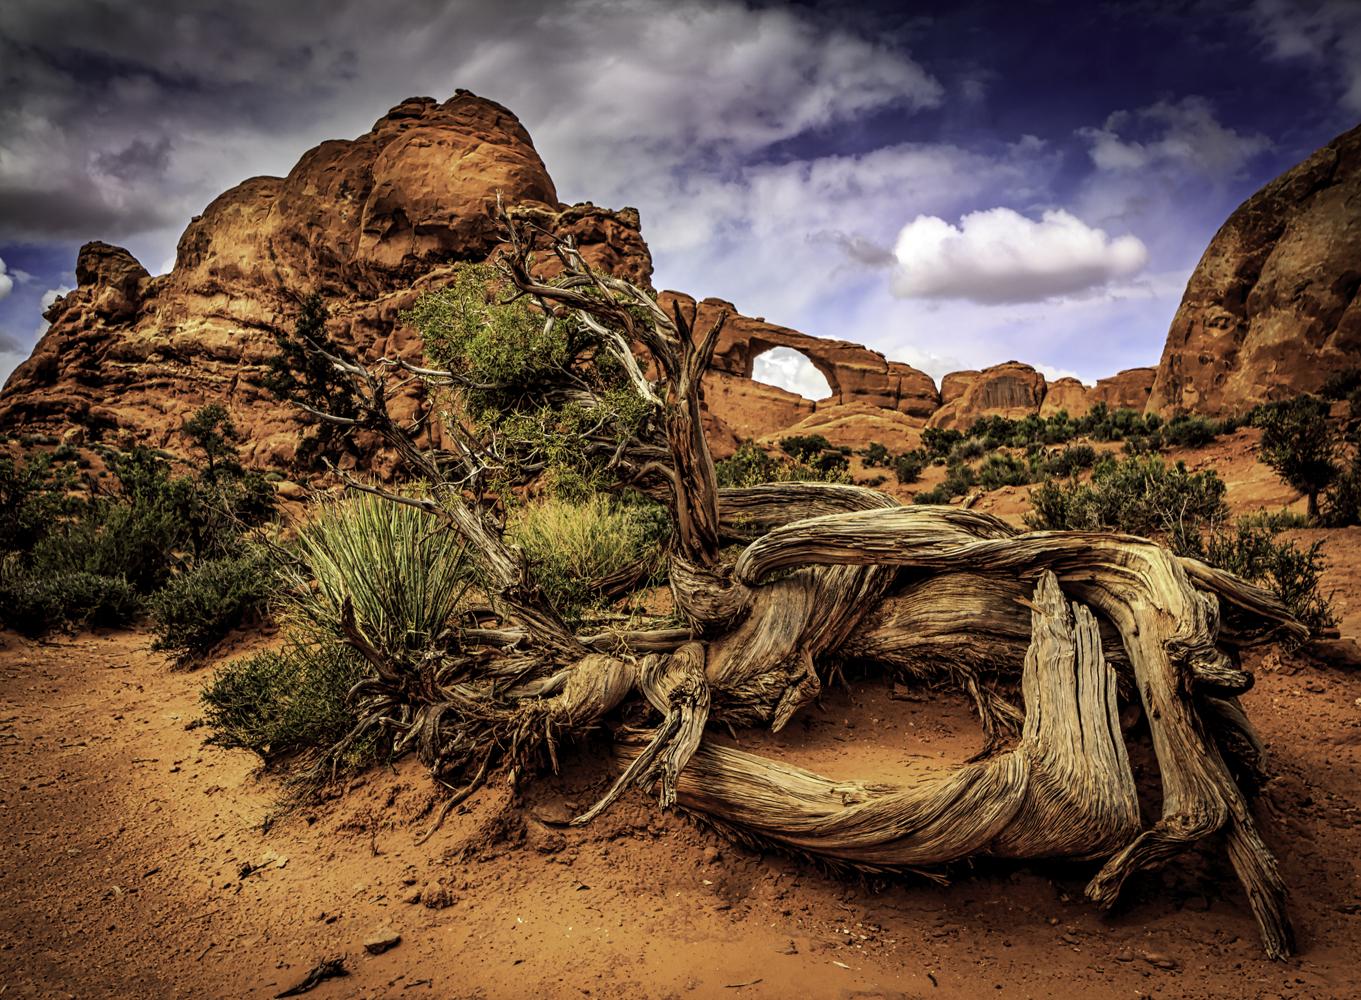 Skyway Arch, Dan Grider Photo